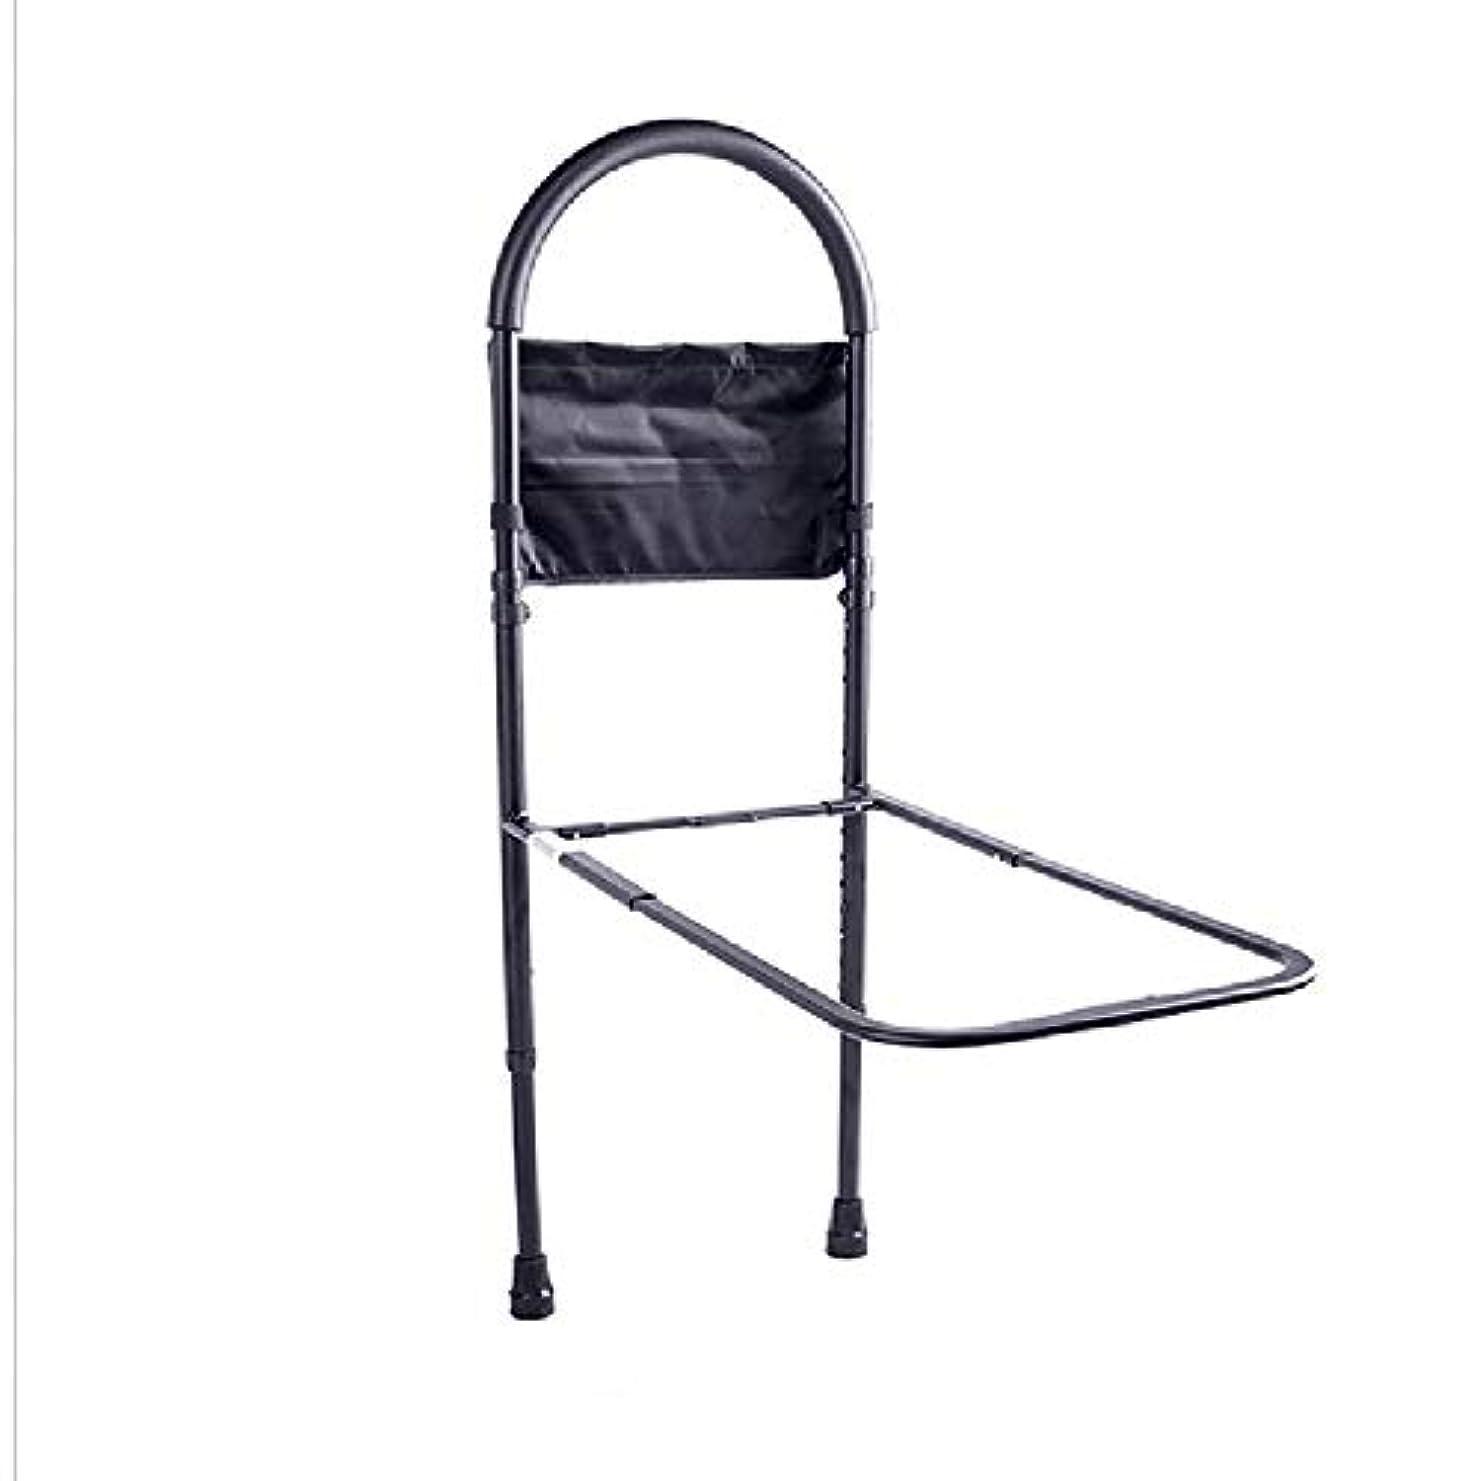 幅ゴルフ概念肥満者、身体障害者、ハンディキャップ、肥満者のための便利な収納ポケット付きのベッドレールアシストハンドル (Color : 黒)